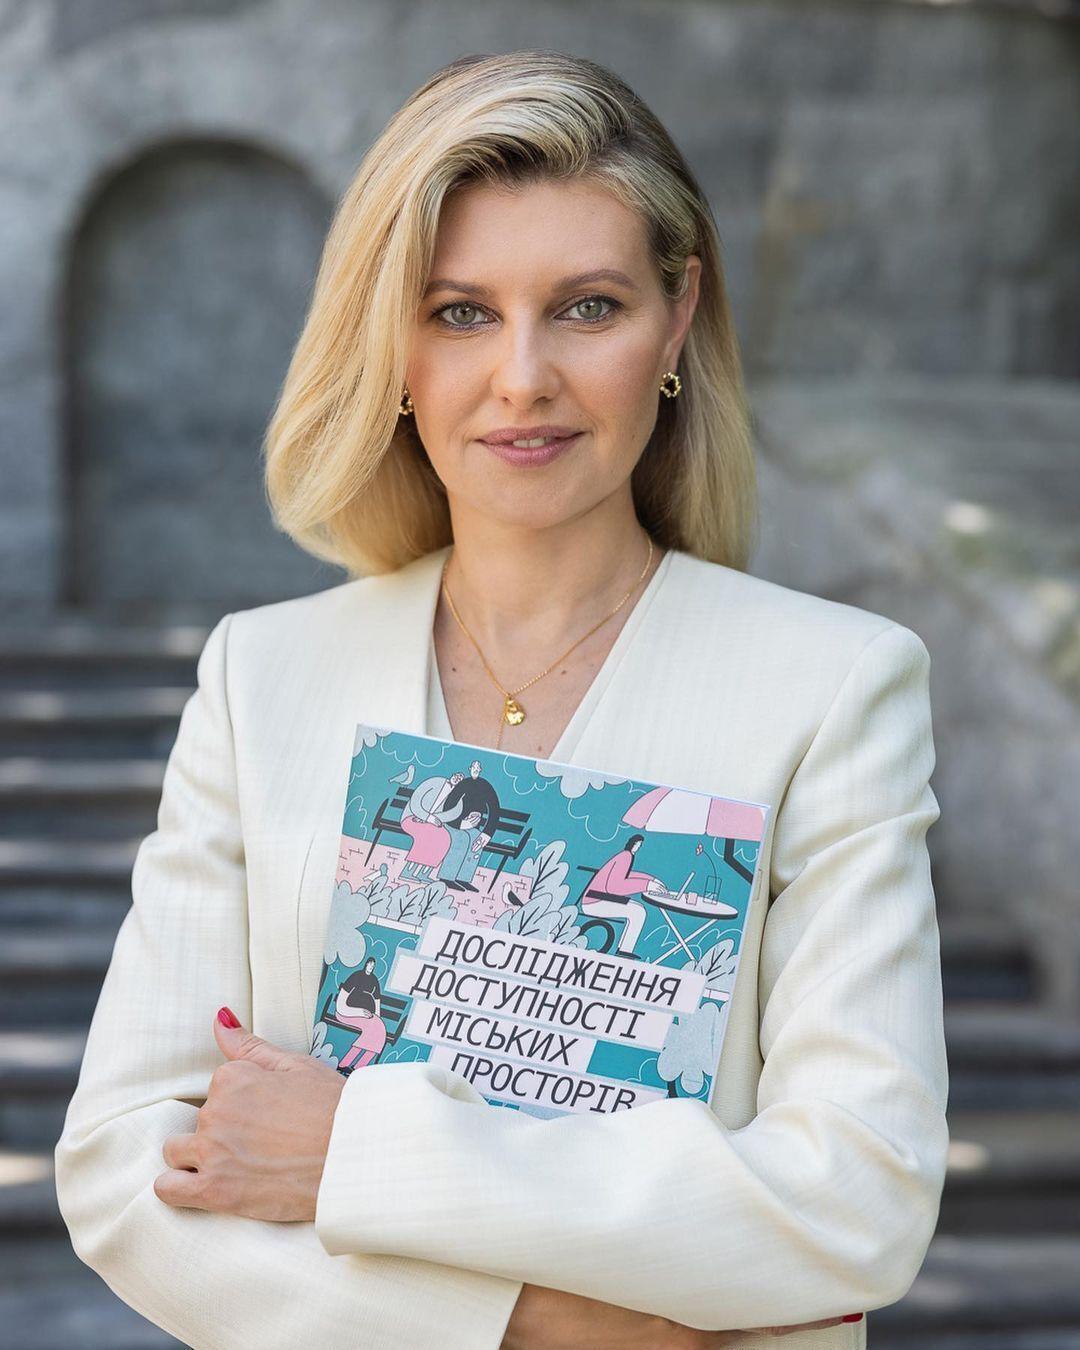 Елена Зеленская в белом наряде.